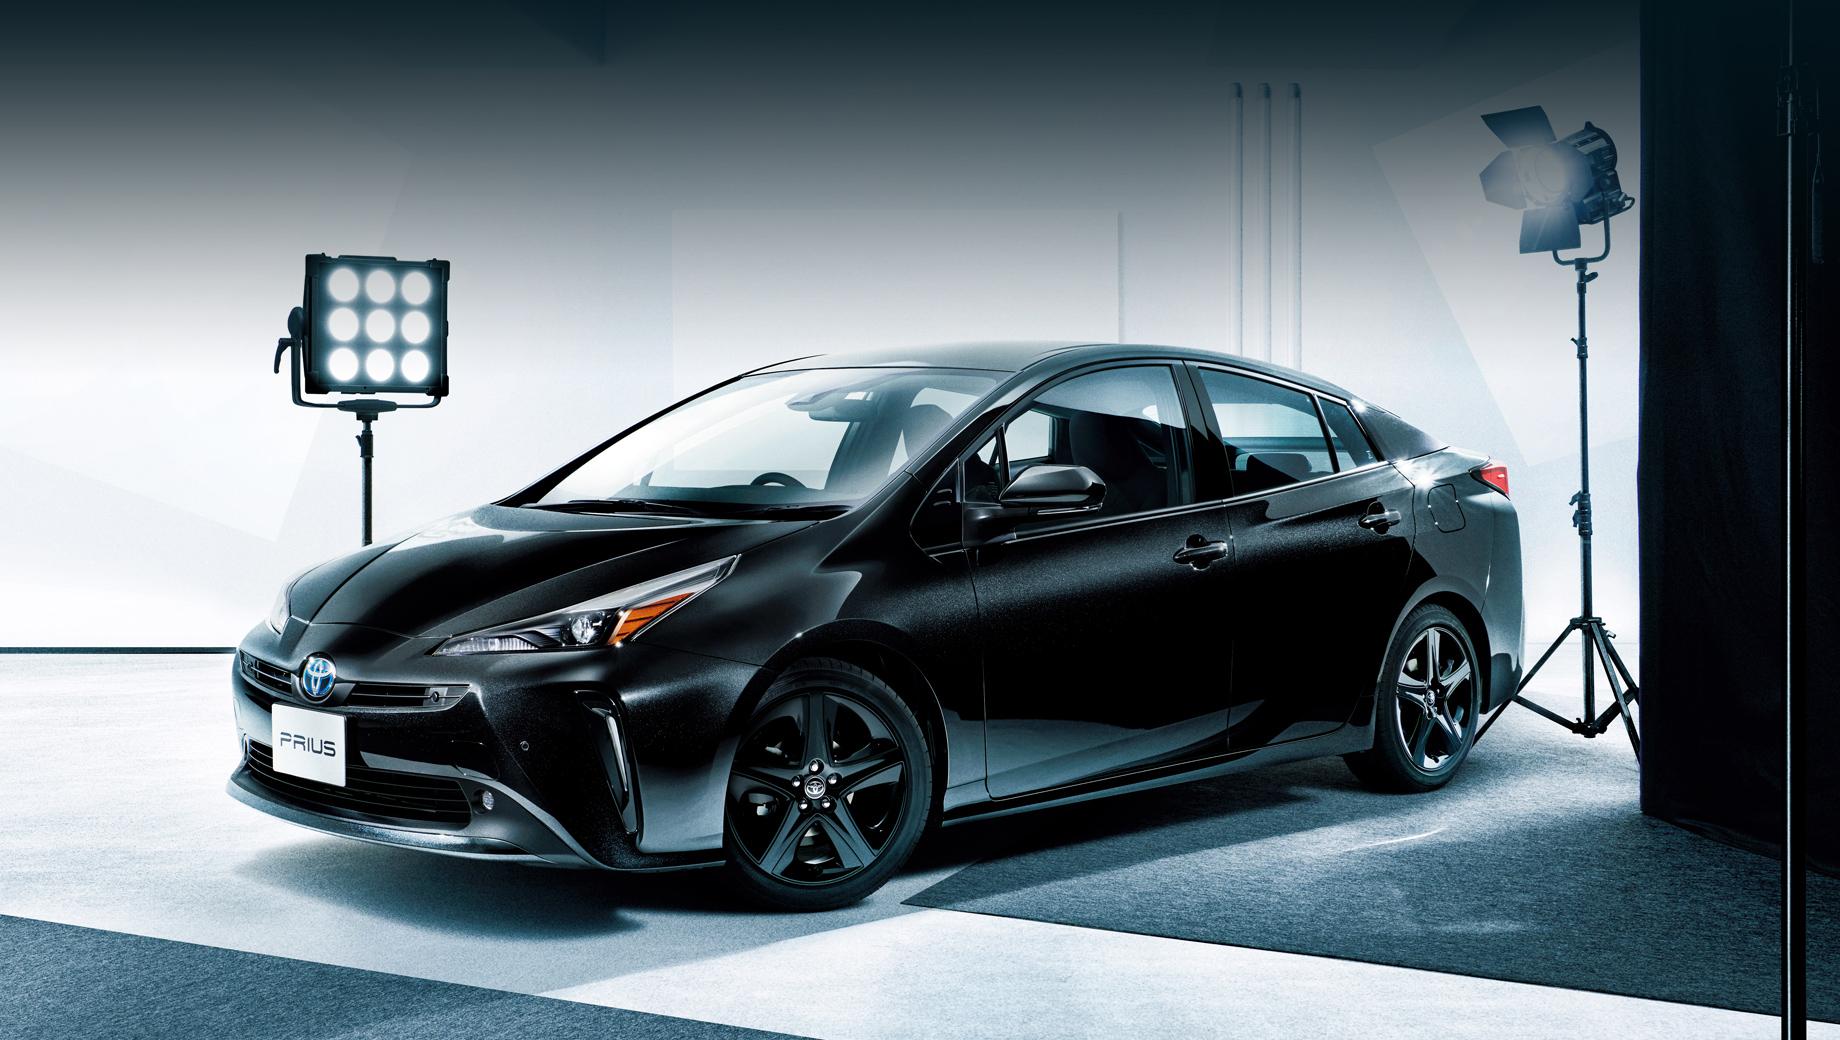 Toyota prius. Prius четвёртого поколения был представлен в 2015 году, а собрат с зарядкой от сети Prius Prime (Prius PHV) — в 2016-м. На фото — Prius Touring Selection Black Edition для японского рынка.